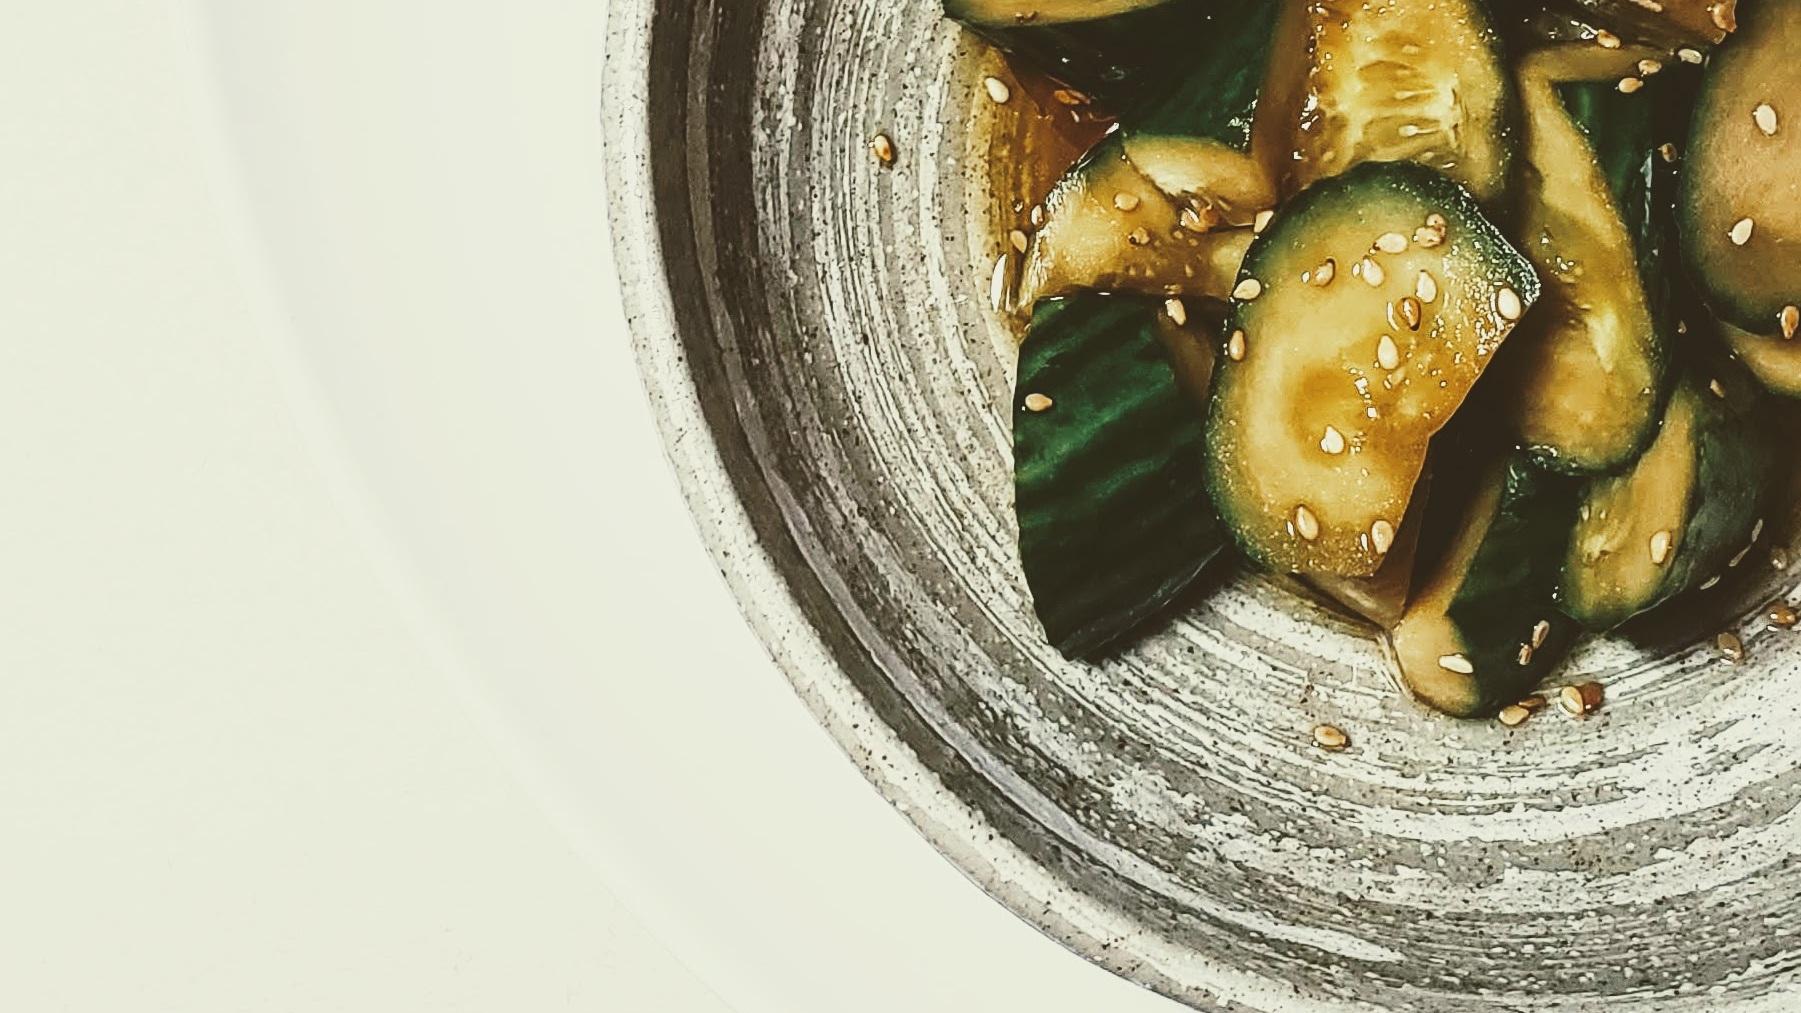 join us for dinner - Dinner & Drinks | Thursday - Monday